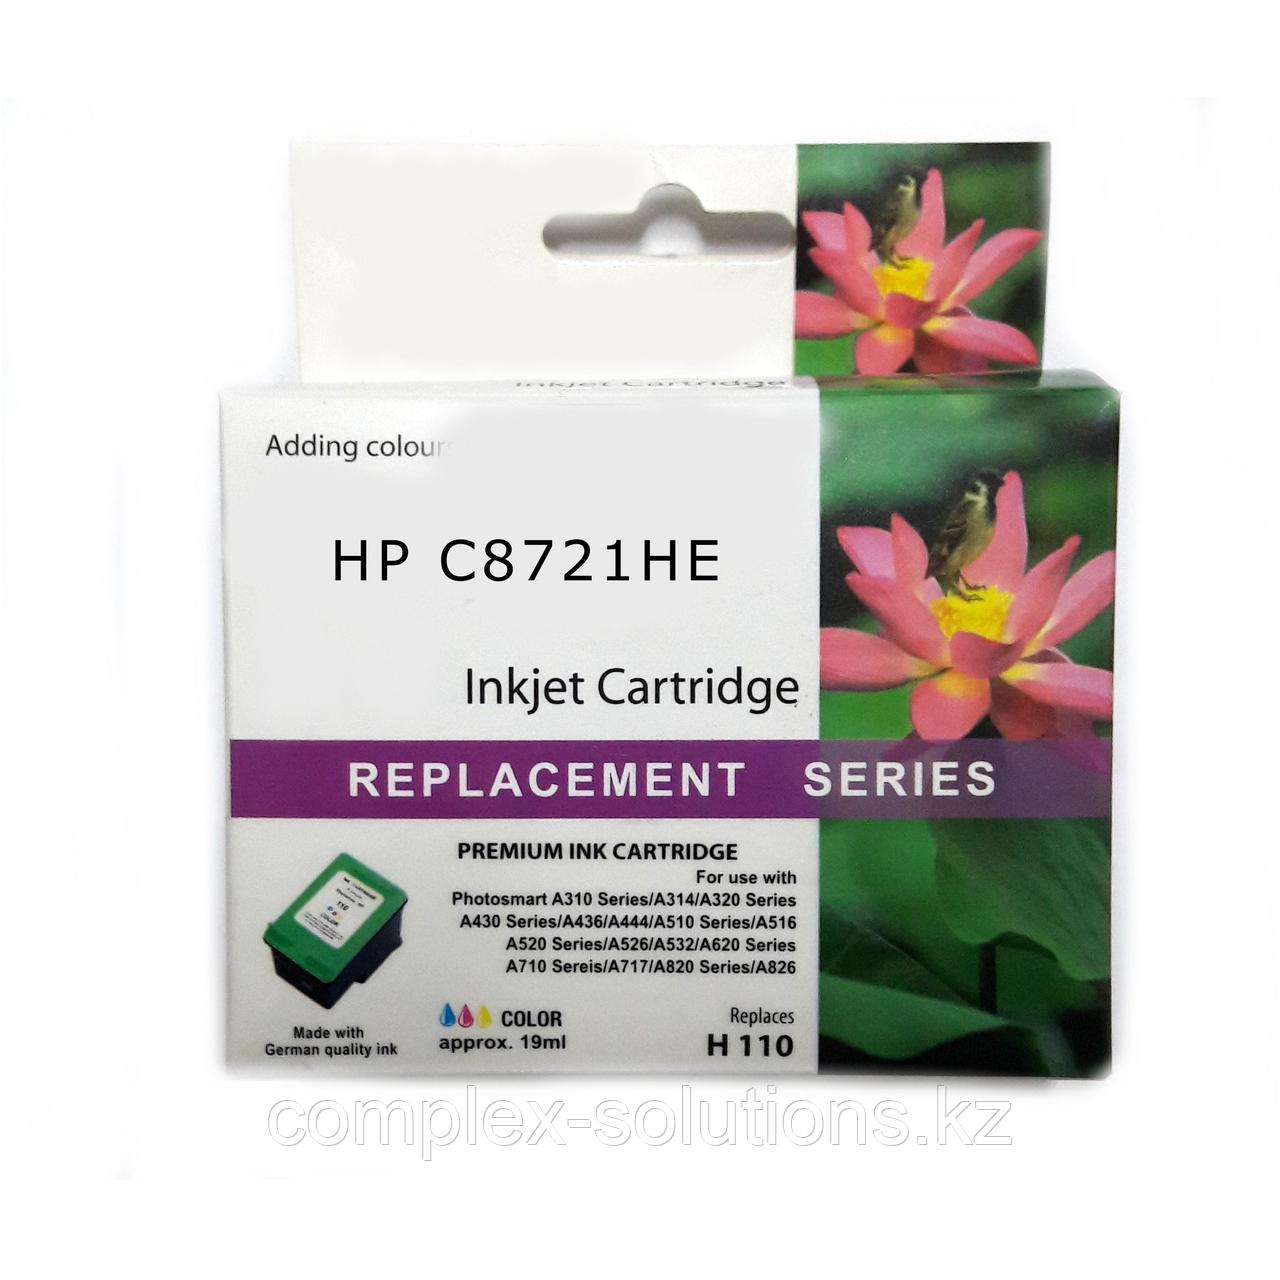 Картридж HP C8721HE Black,№177 JET TEK | [качественный дубликат]